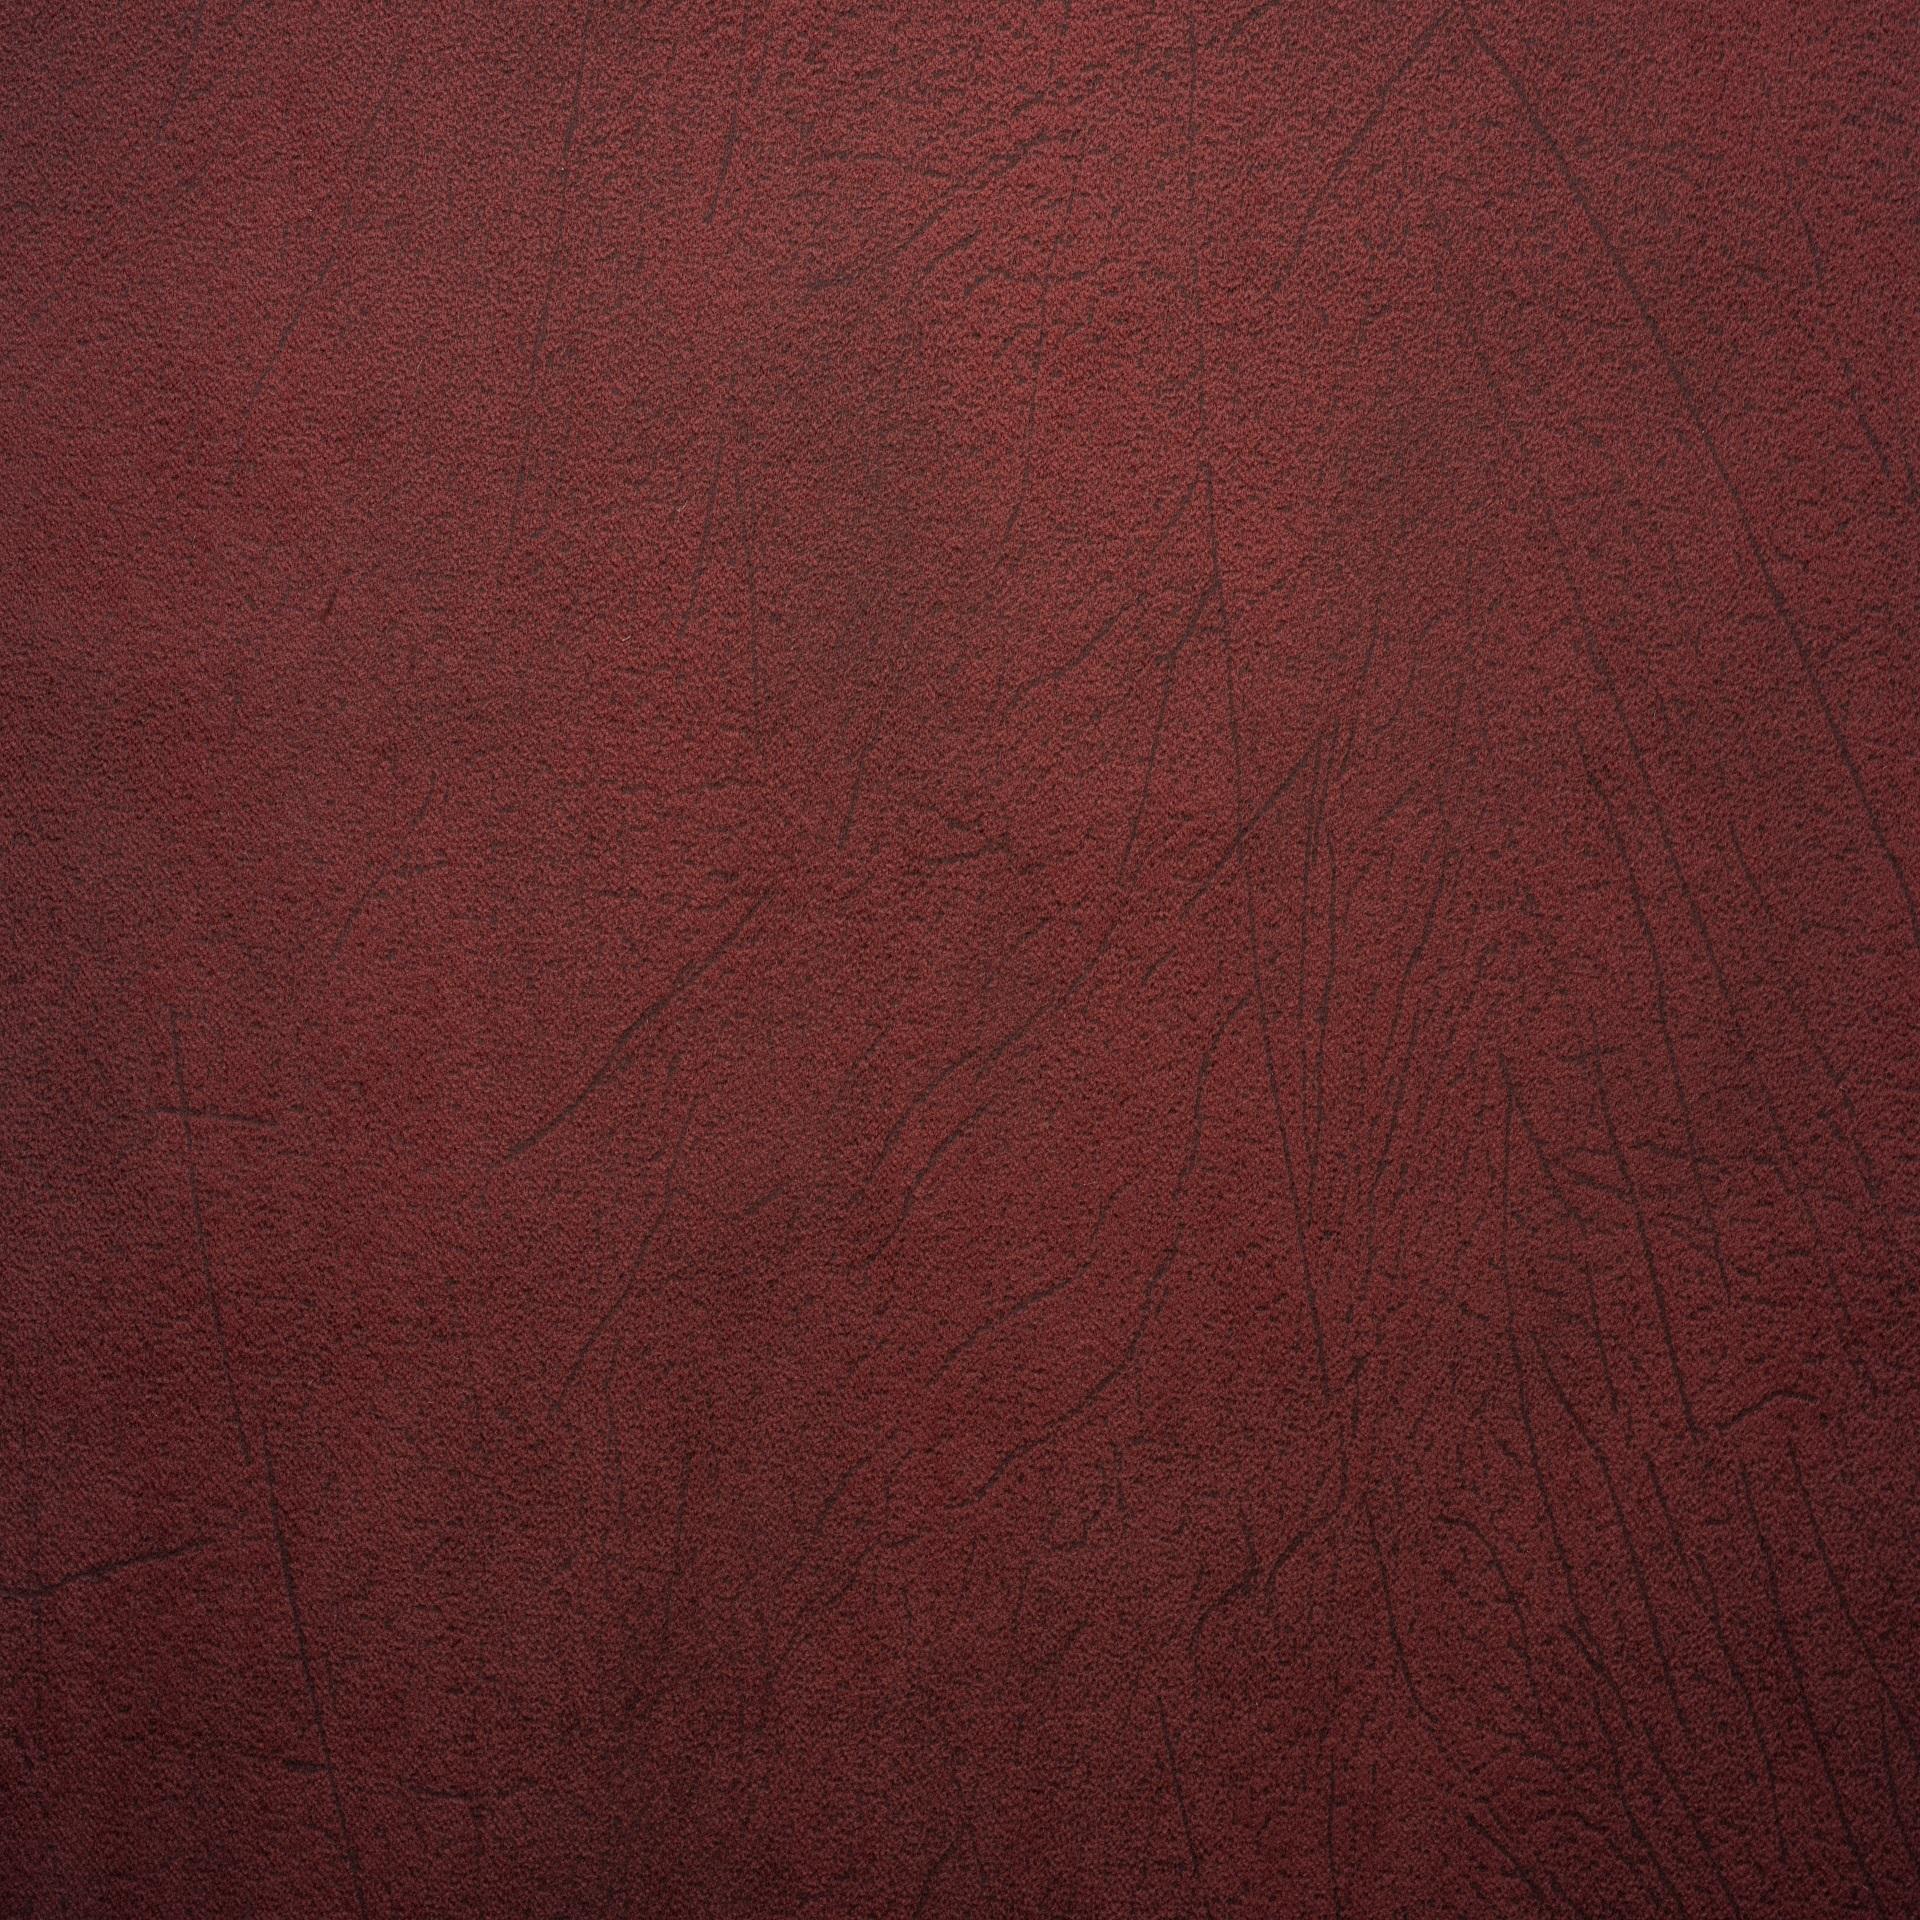 Коллекция ткани Джерри 47,  купить ткань Велюр для мебели Украина